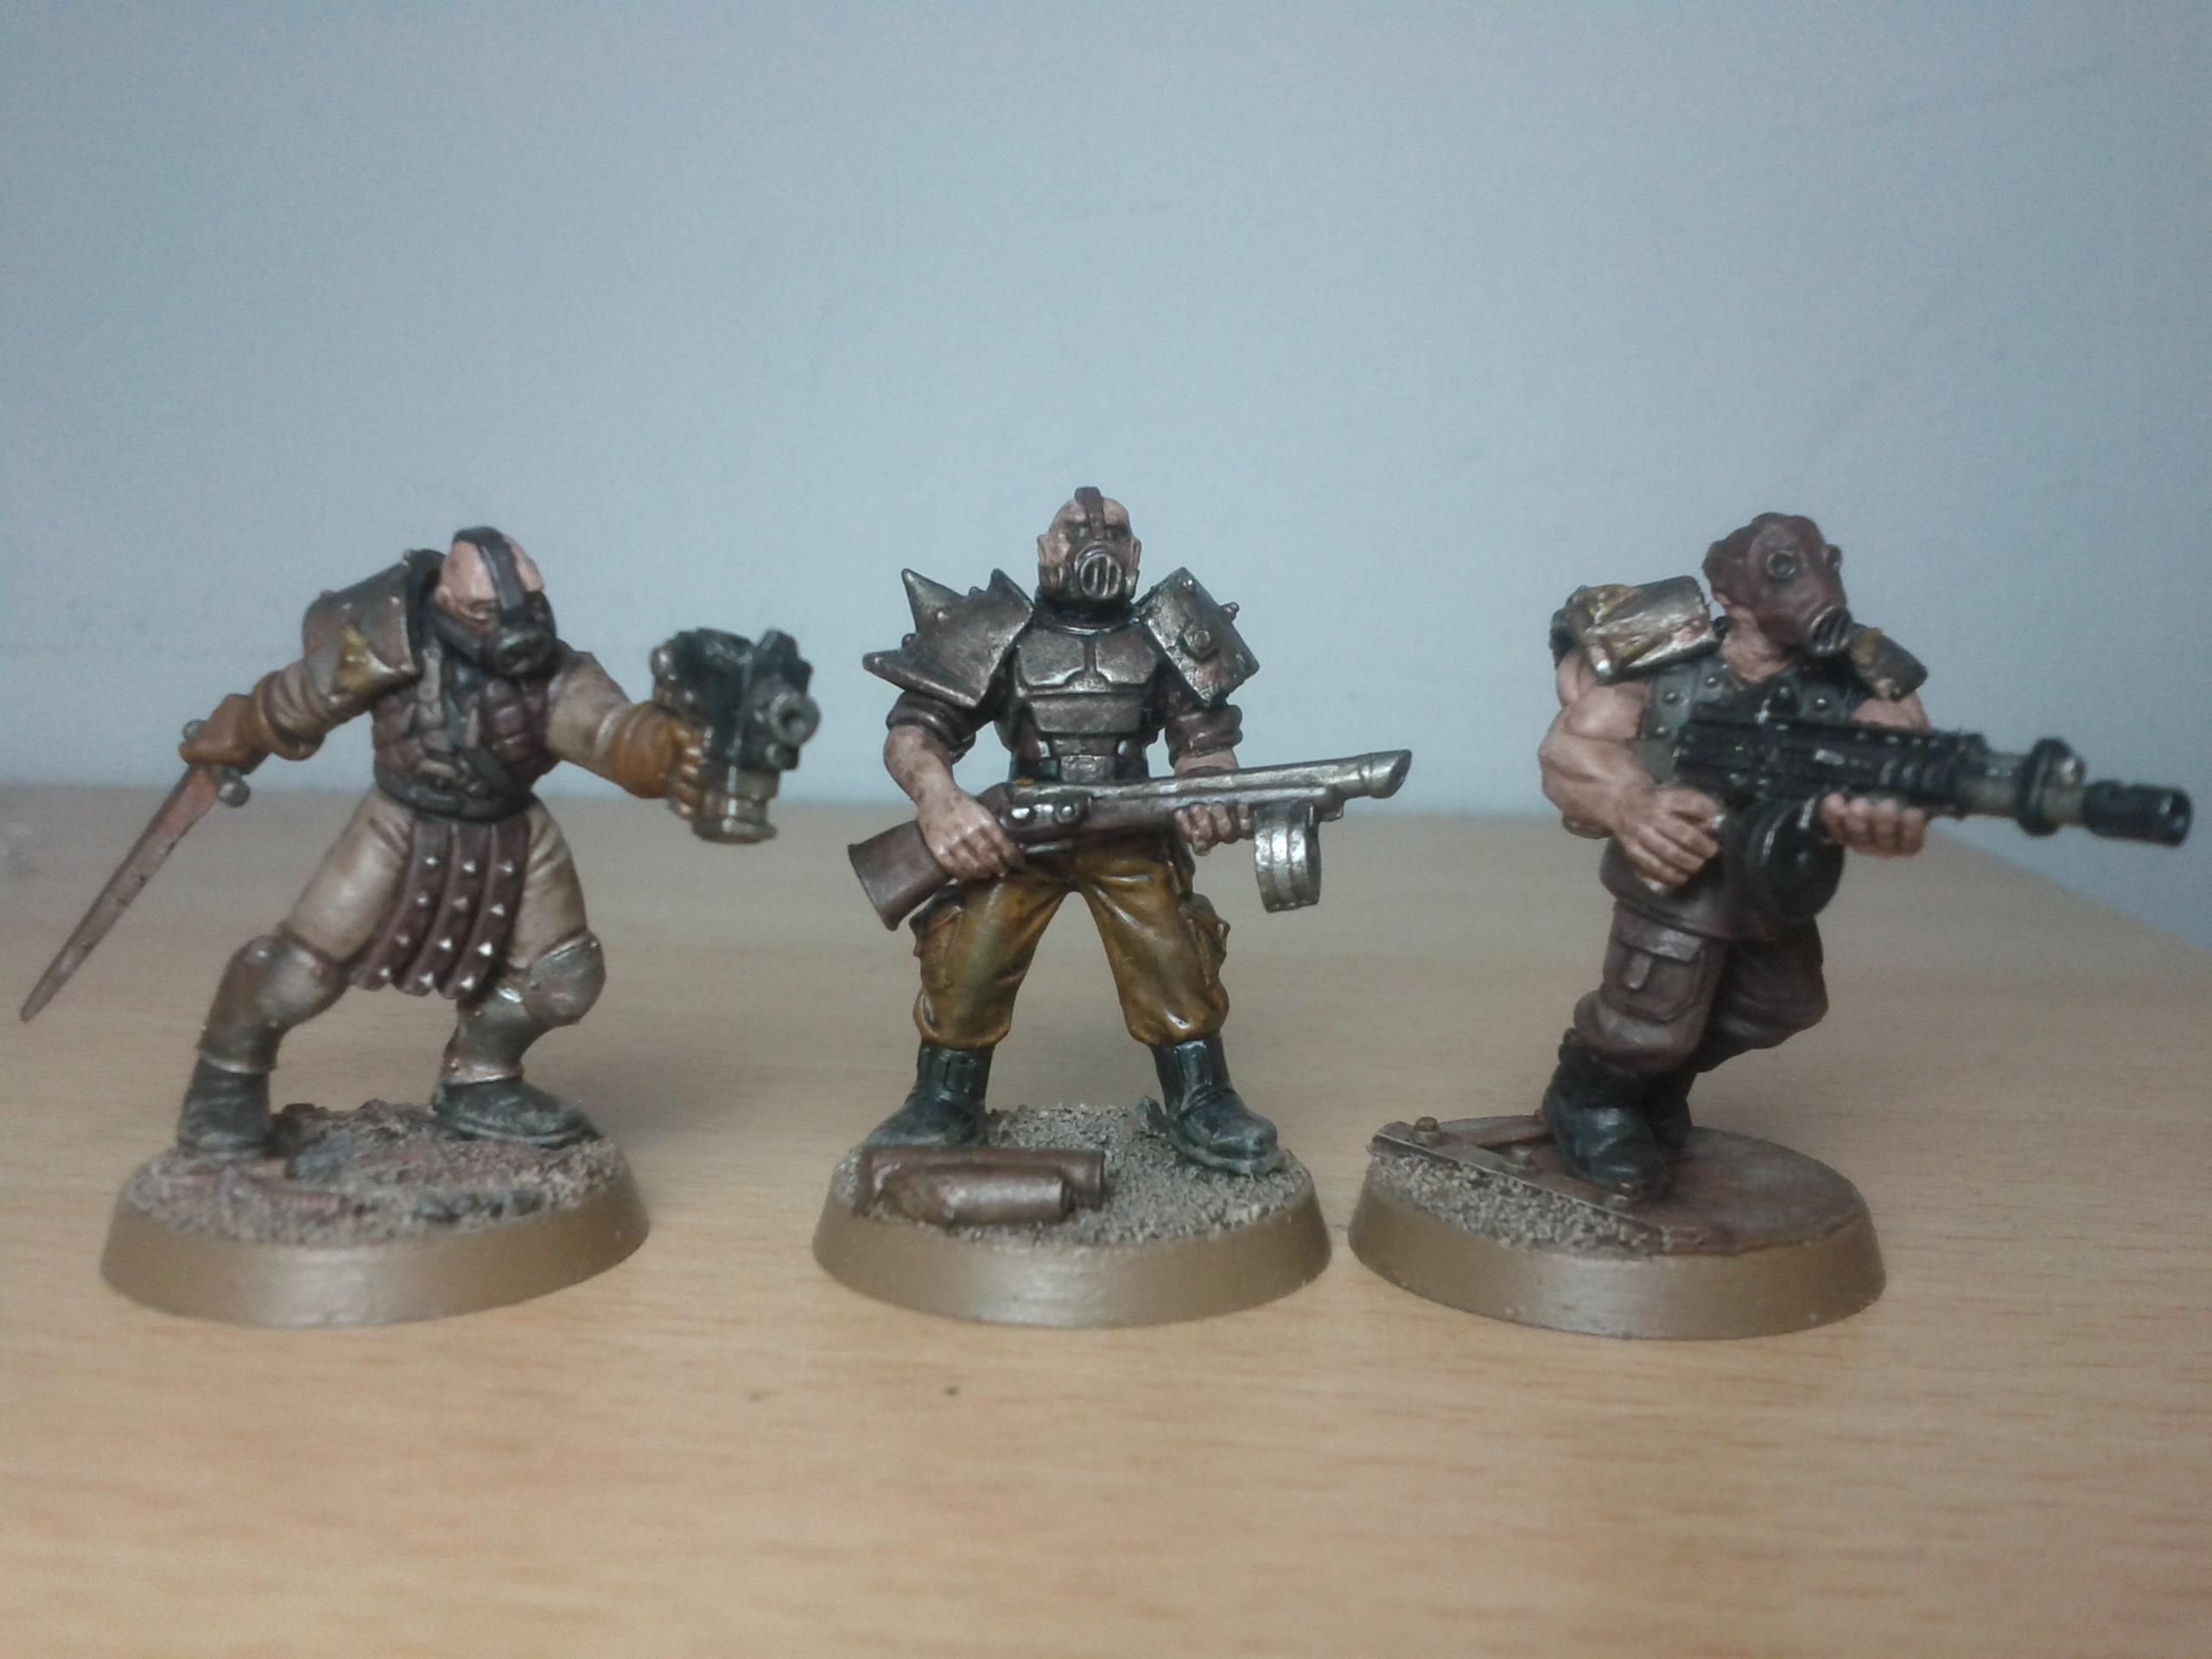 Chaos, Cultist, Marauders, Pig Iron, Raiders